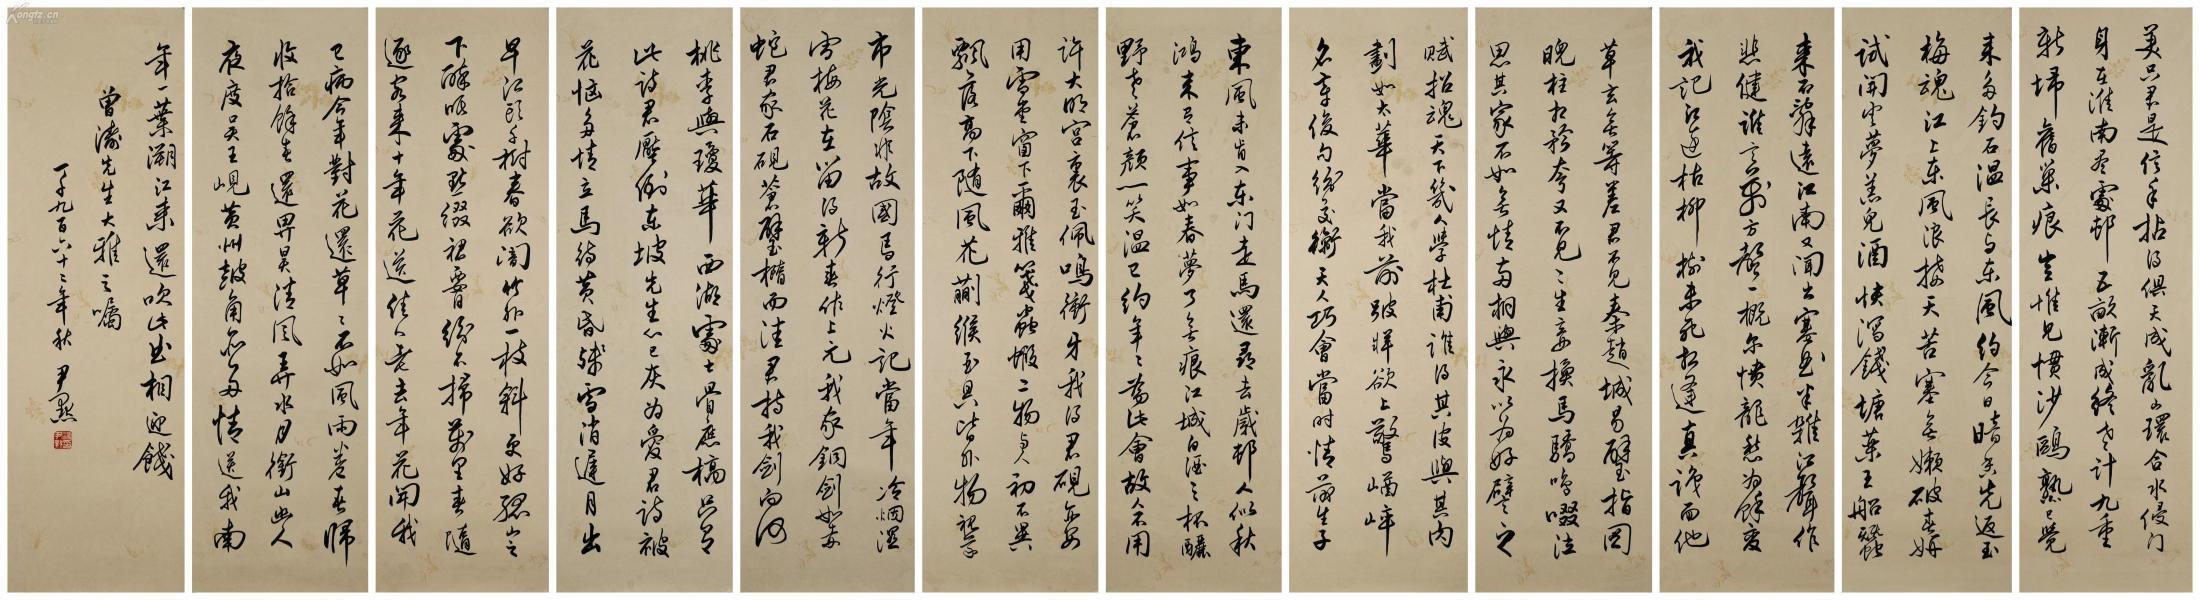 北京大学教授和校长 北大书法史上两巨匠 【 沈尹默】 书法12条屏